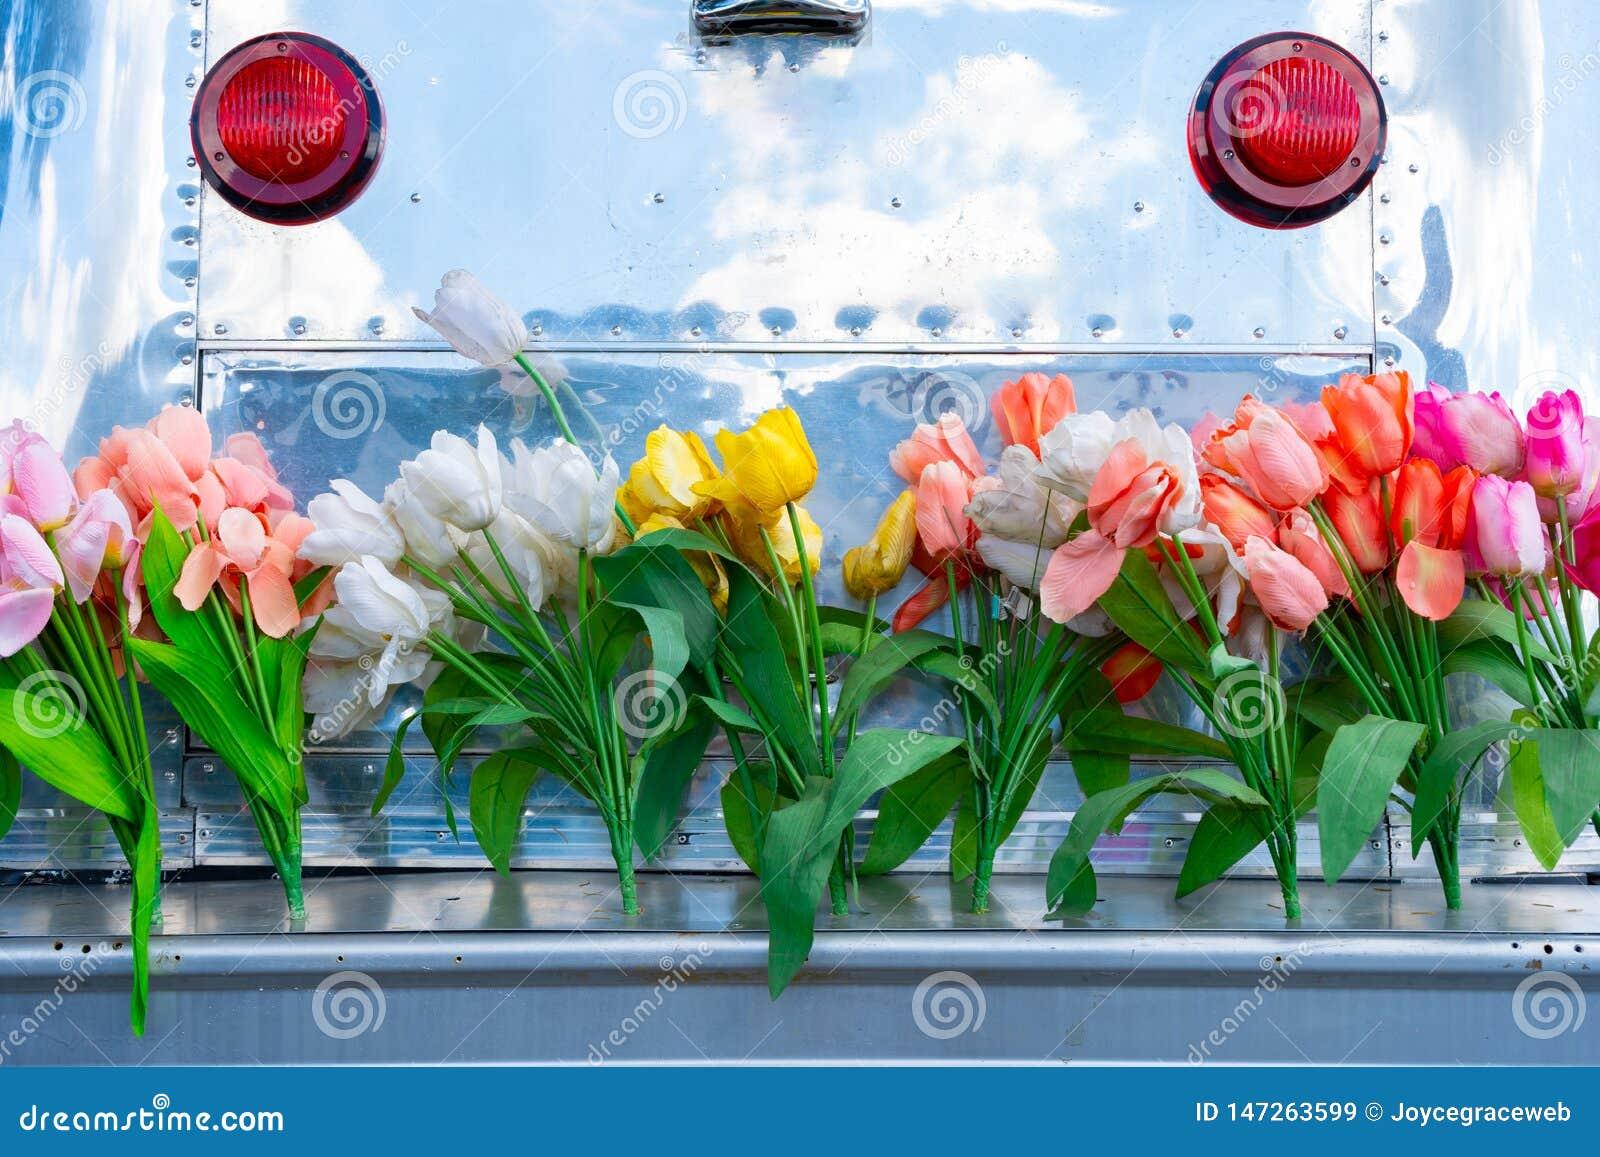 Campista do reboque do curso do vintage com tapume de alumínio e um amortecedor da bagageira coberto em flores da tulipa, descrev